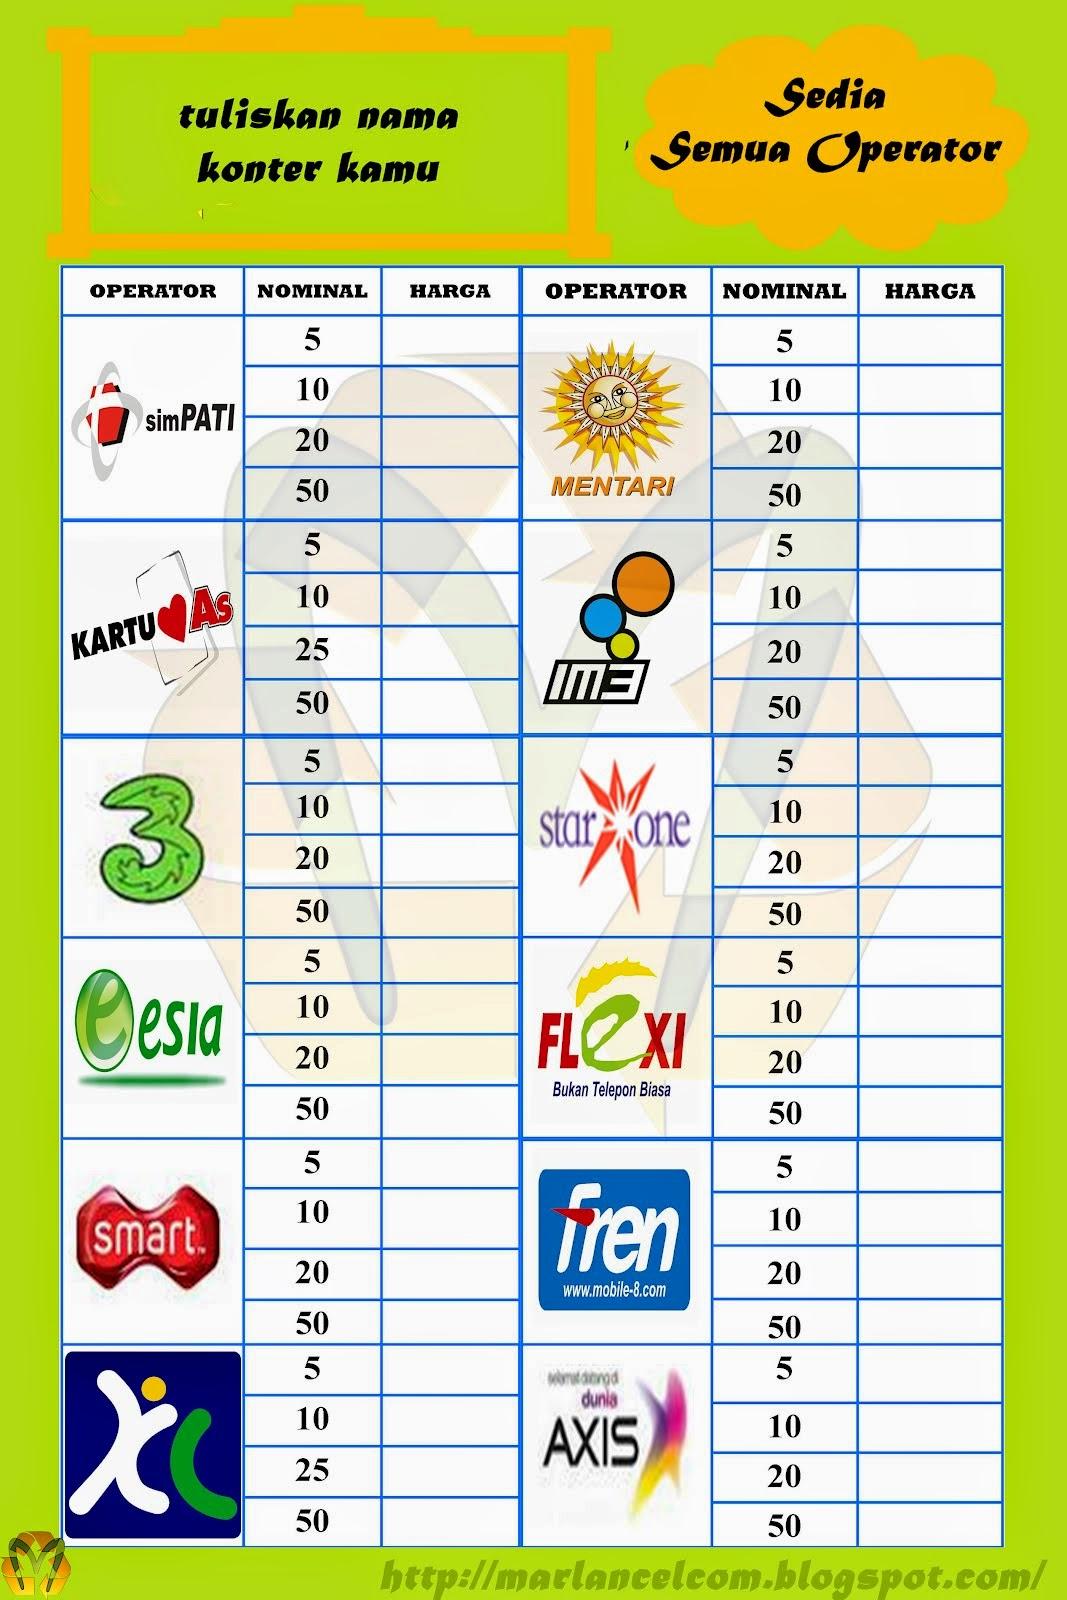 Image Result For Daftar Agen Pulsa Elektrik Terpercaya